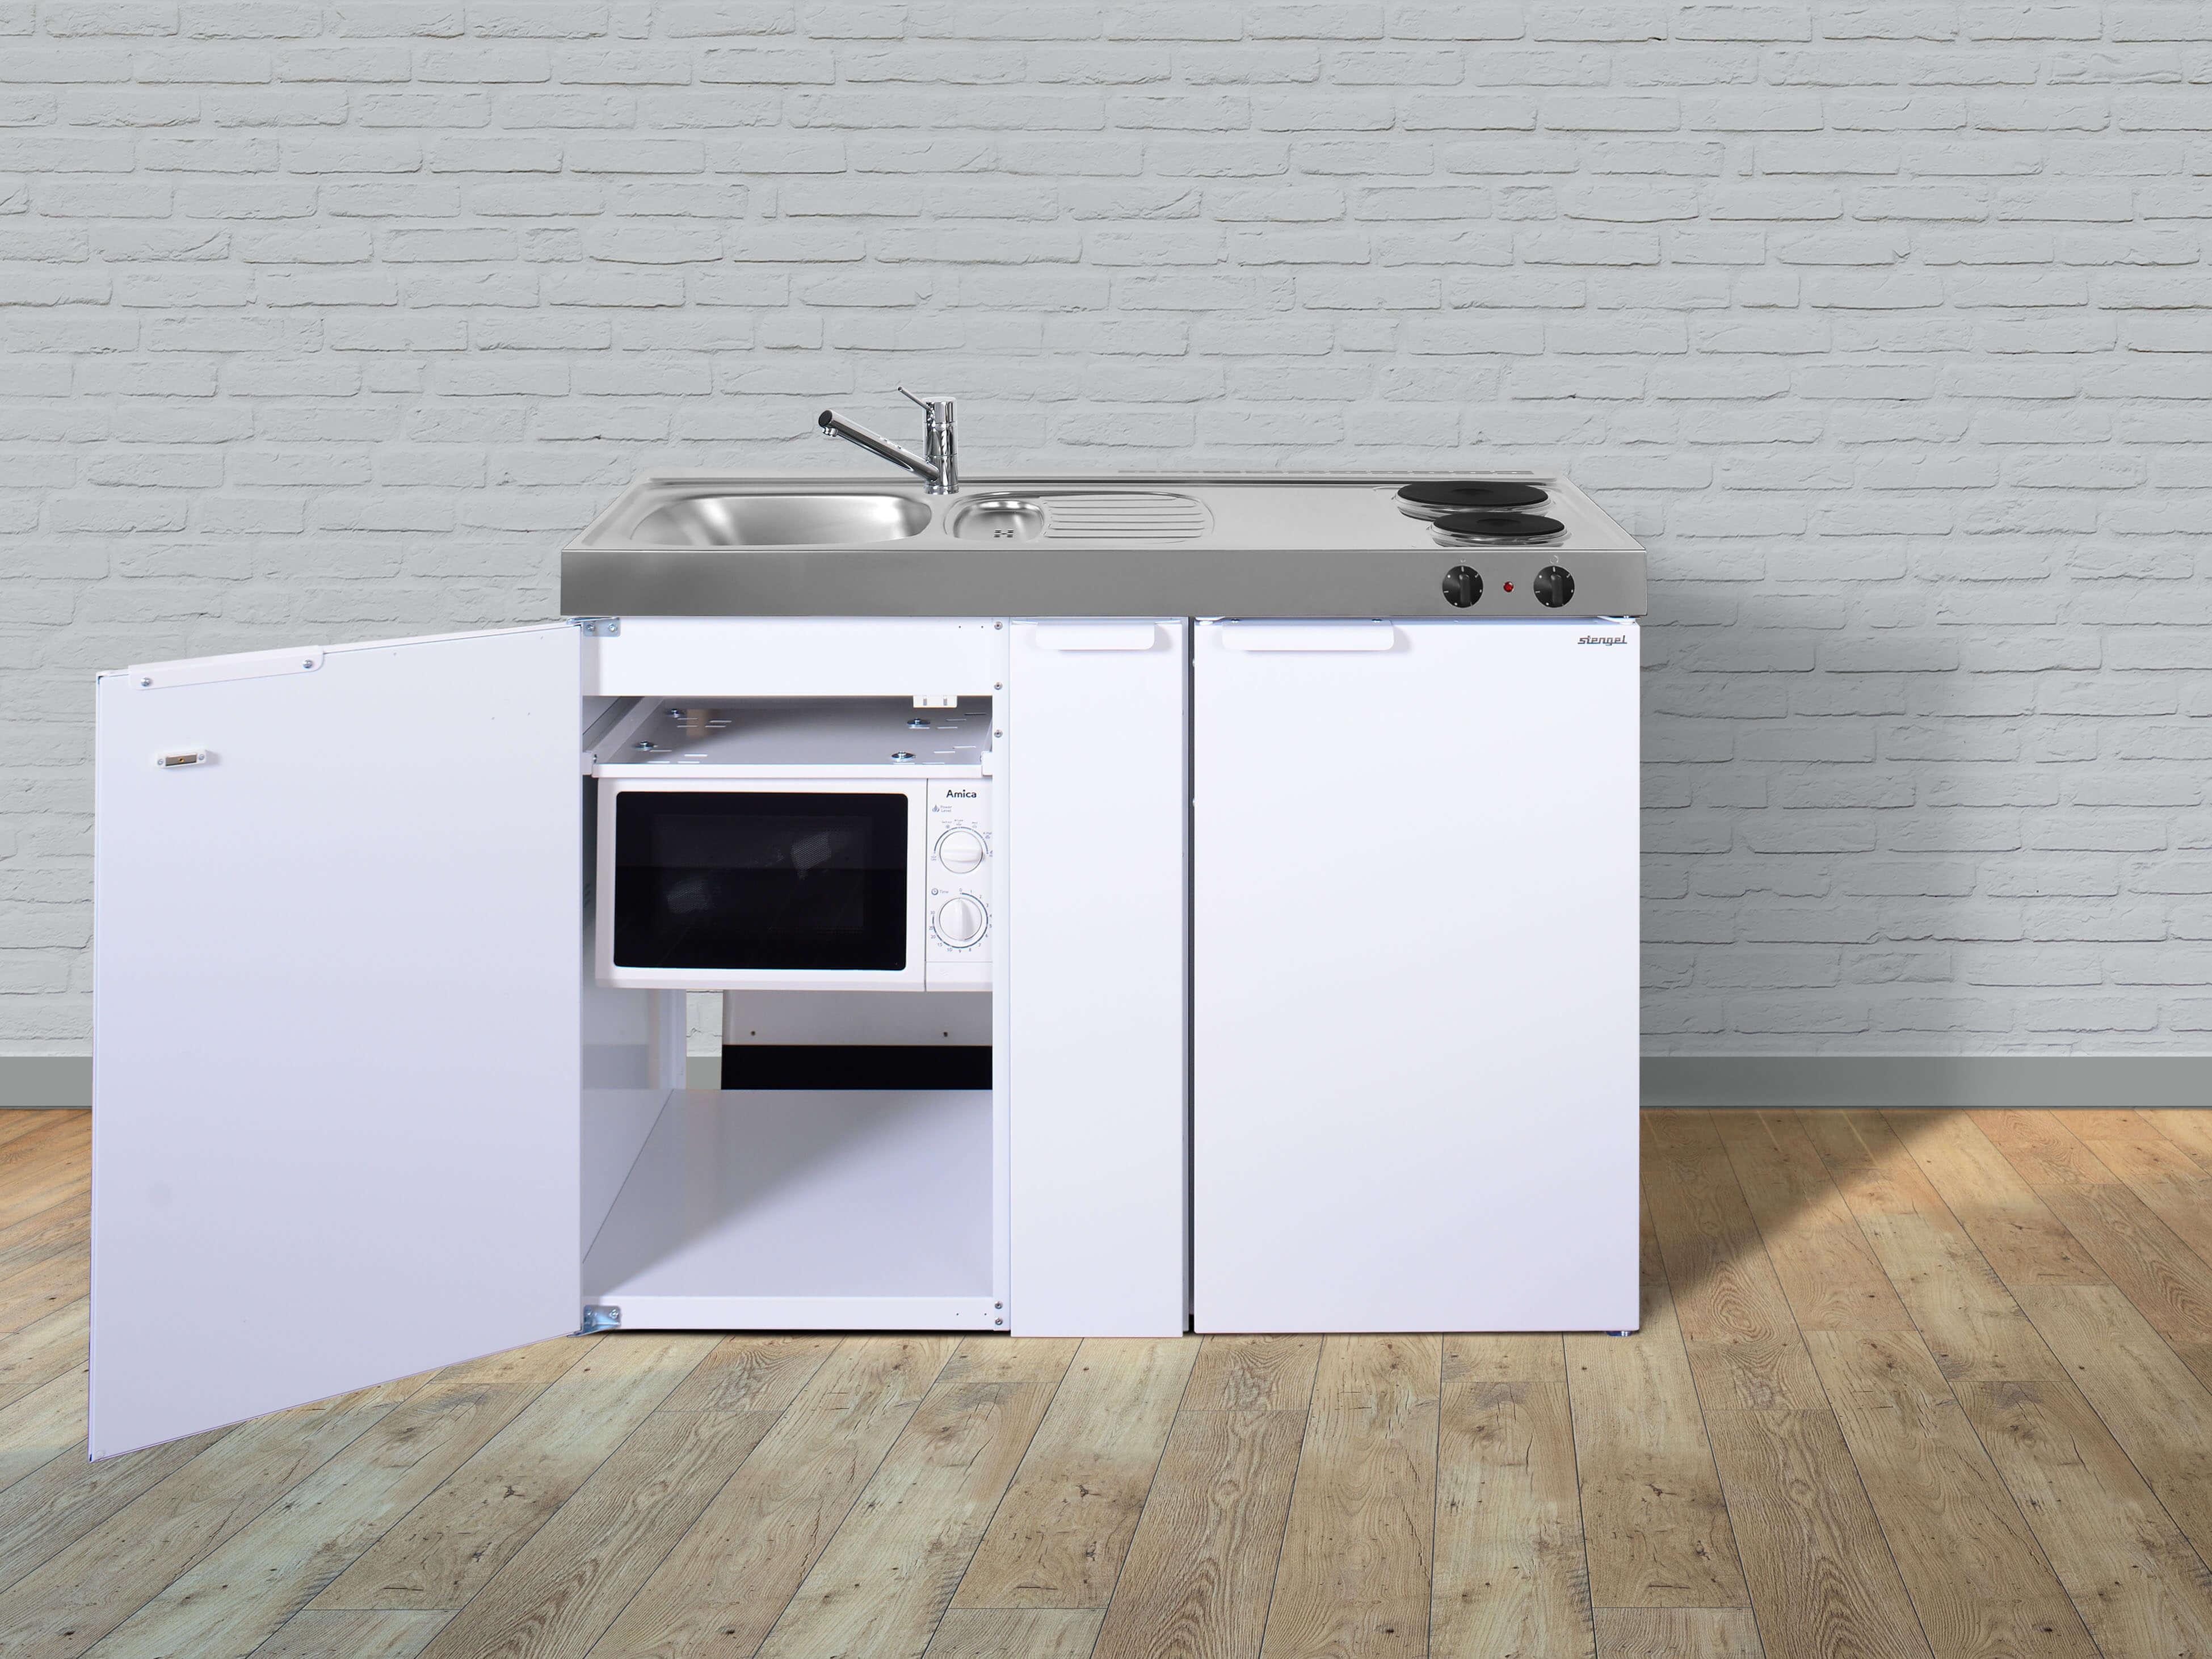 Miniküche Mit Kühlschrank Und Backofen : Stengel miniküche kitchenline mkm a miniküchen online